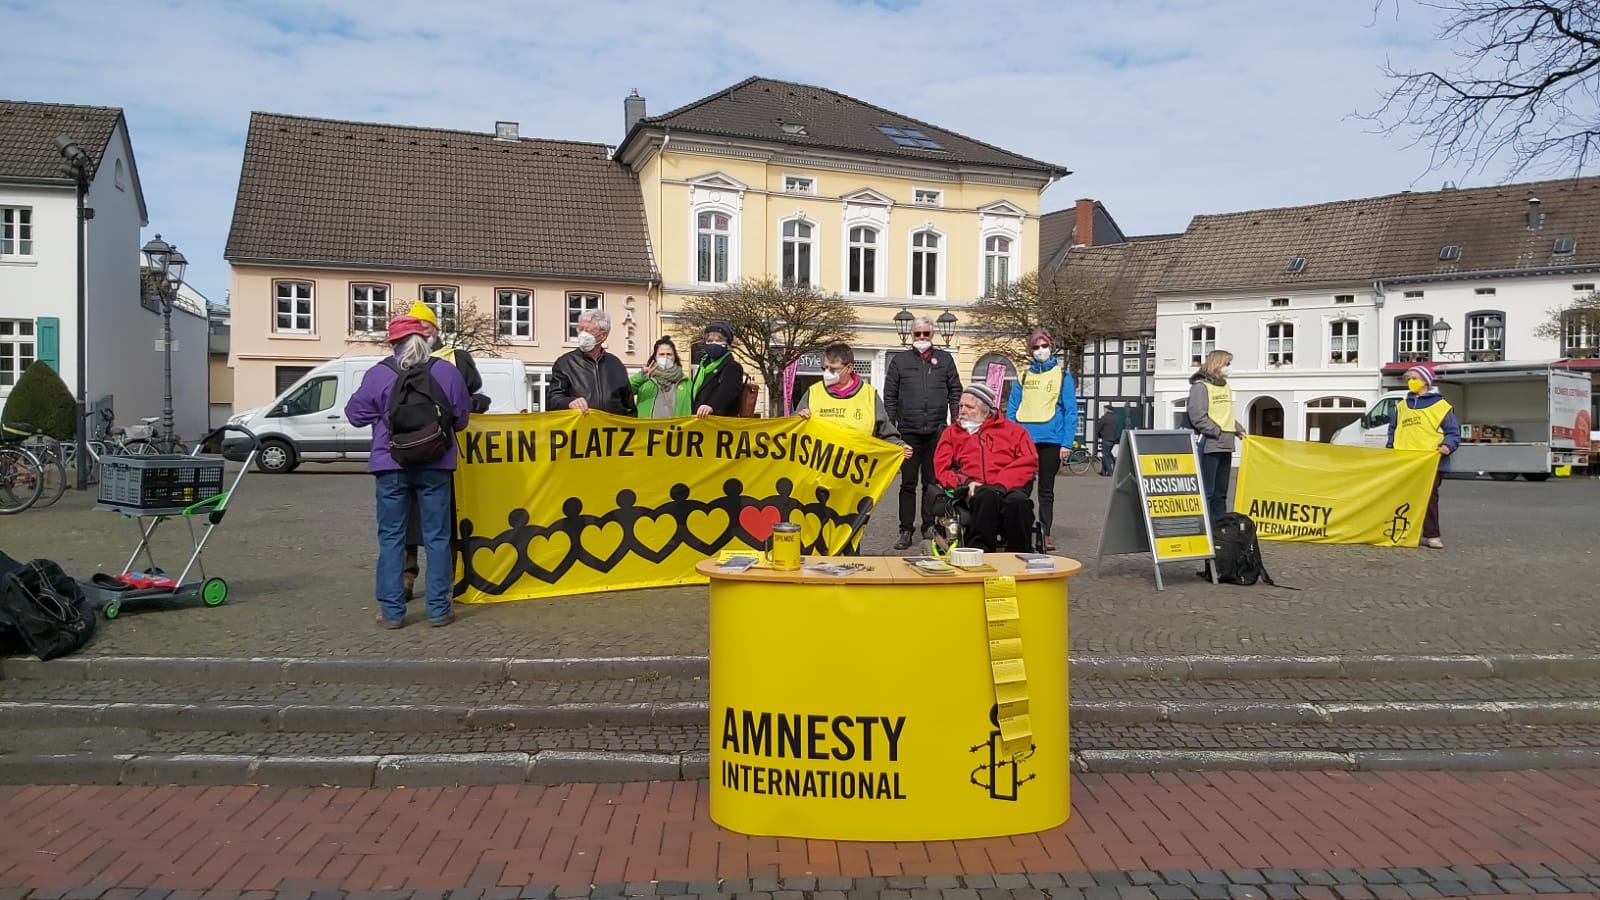 Mahnwache gegen Rassismus am 20.03.2021 in Hilden